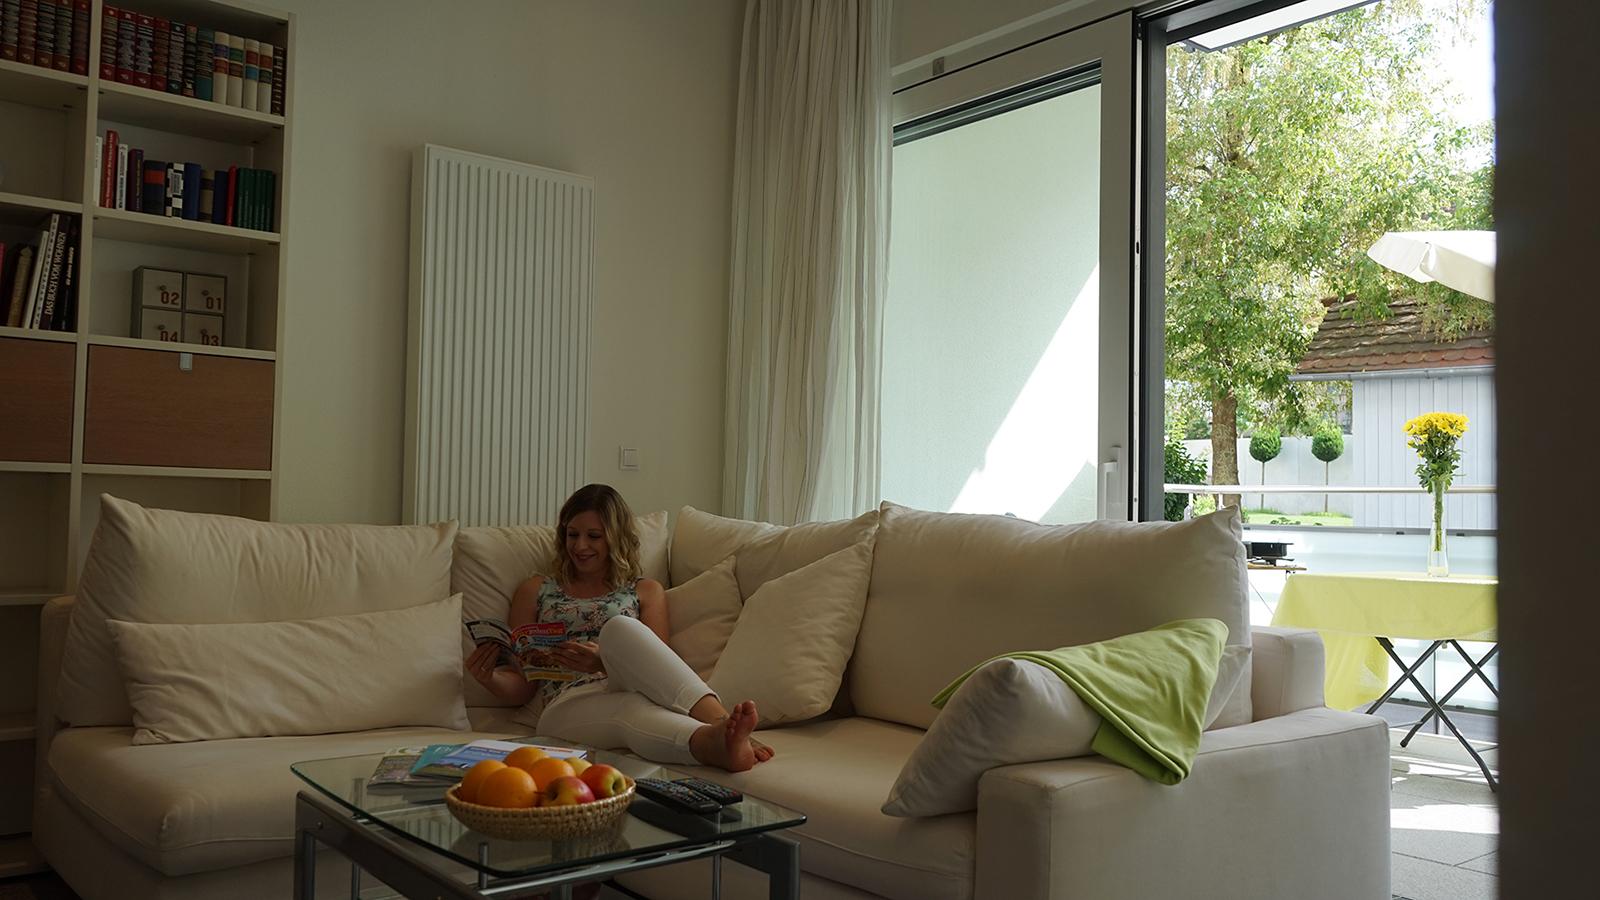 Ferienwohnung am Bodensee: Deluxe - Wohnen